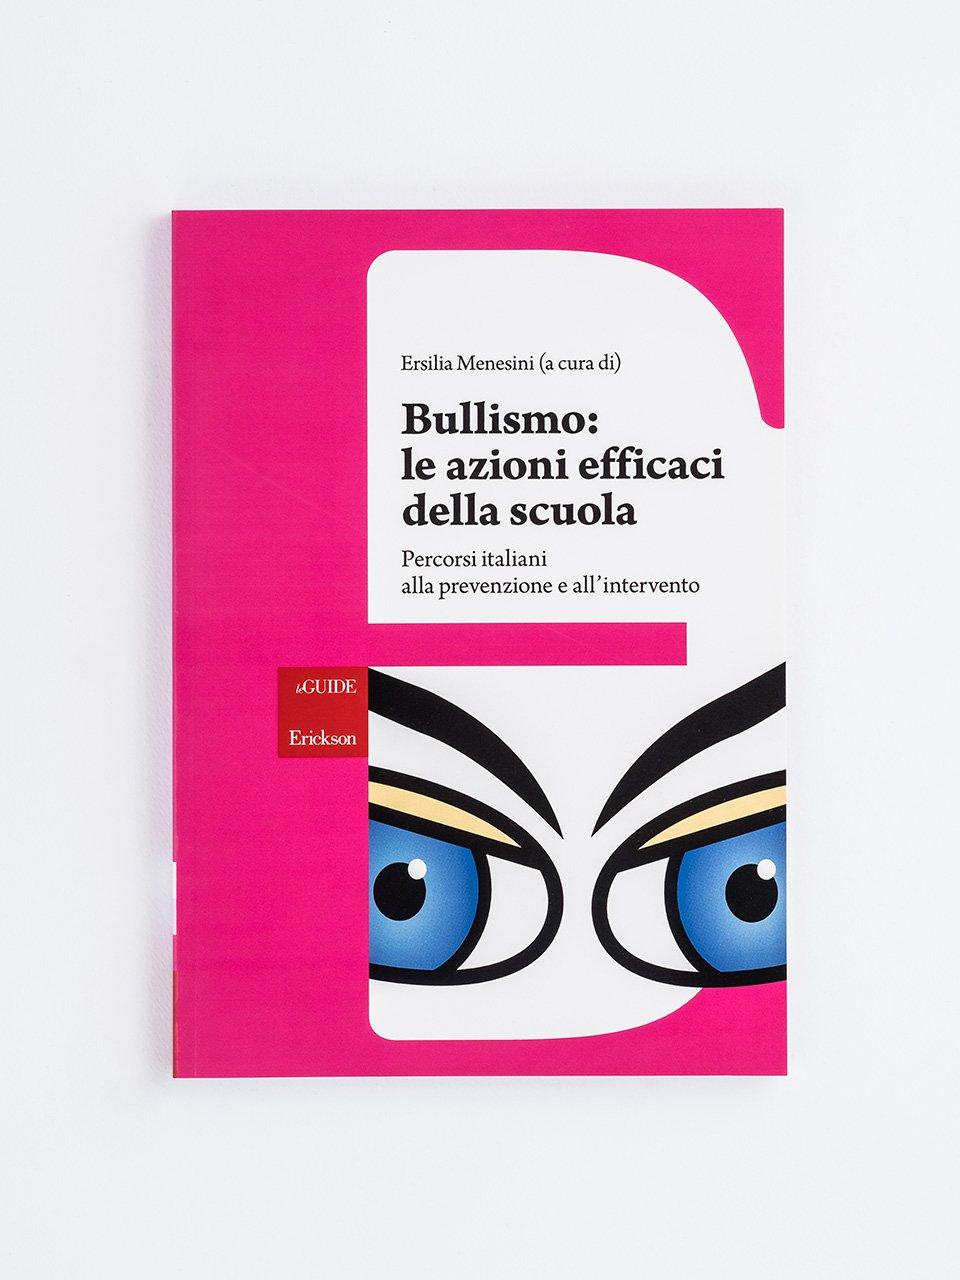 Bullismo: le azioni efficaci della scuola - Omofobia, bullismo e scuola - Libri - Erickson